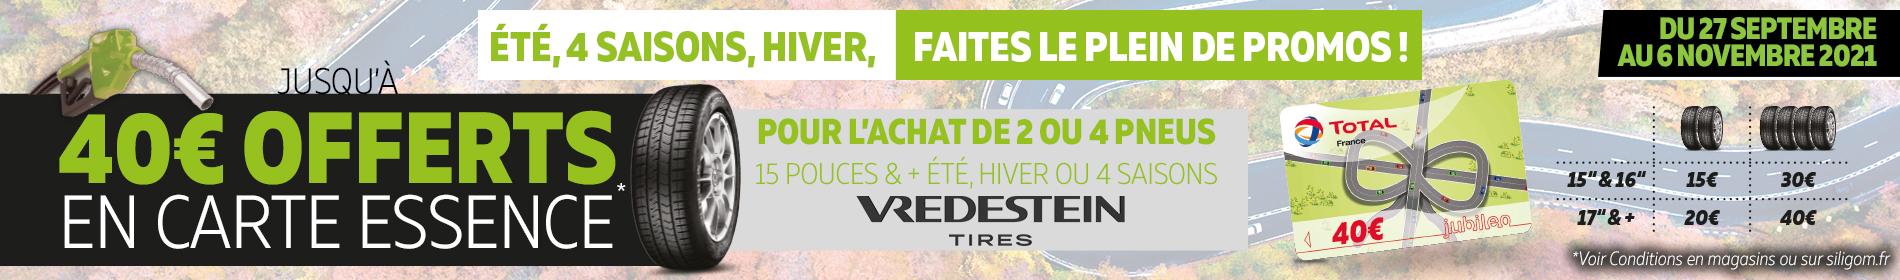 40€ offerts en carte essence sur les pneus vredestein chez siligom